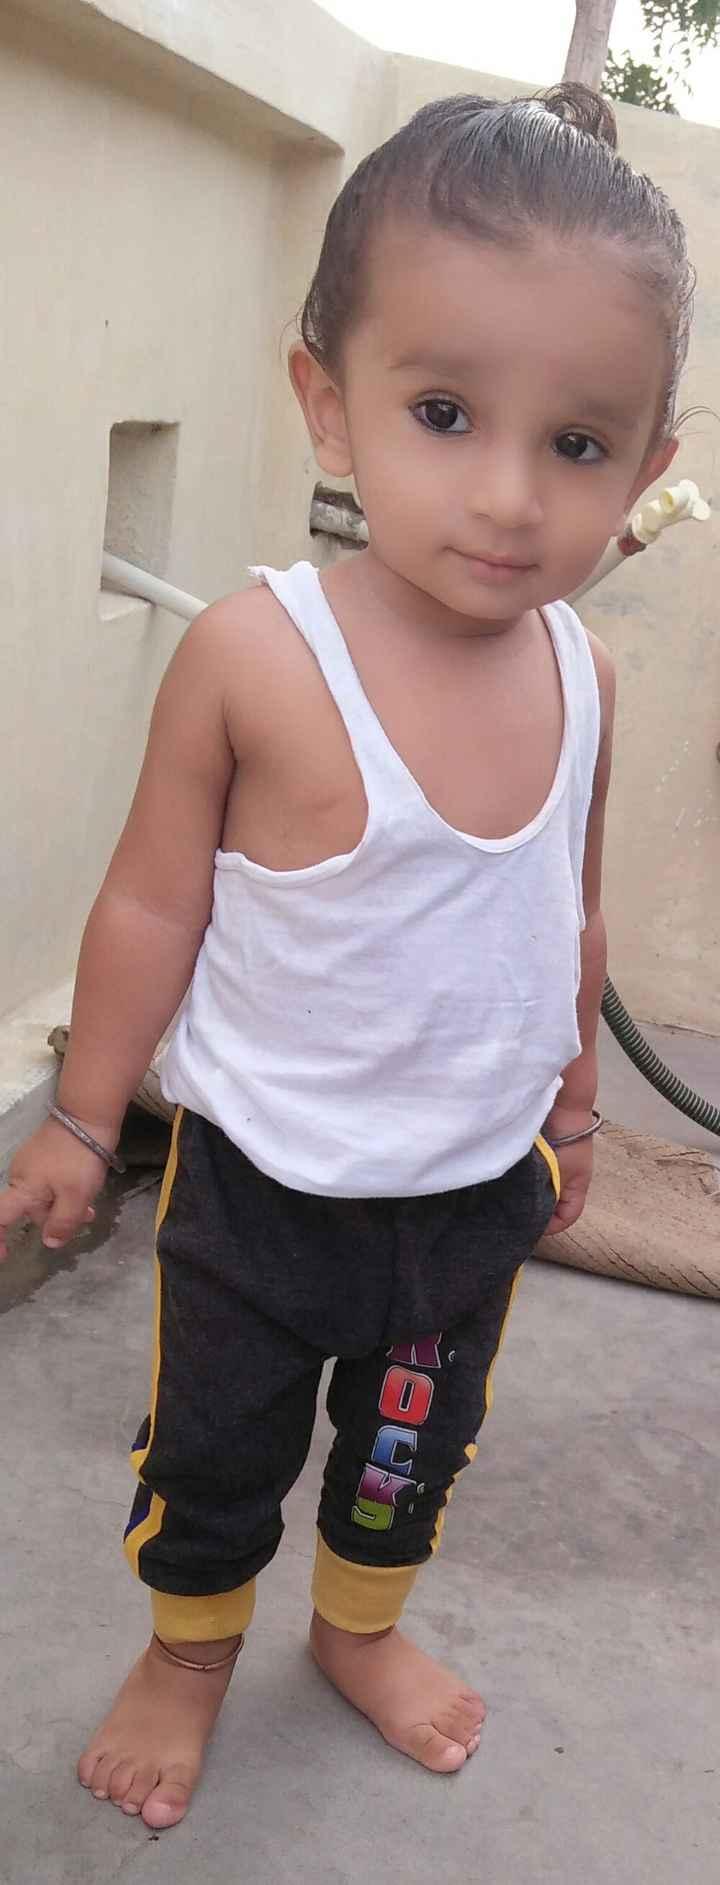 👦 બાળકોની ફોટોગ્રાફી - ShareChat